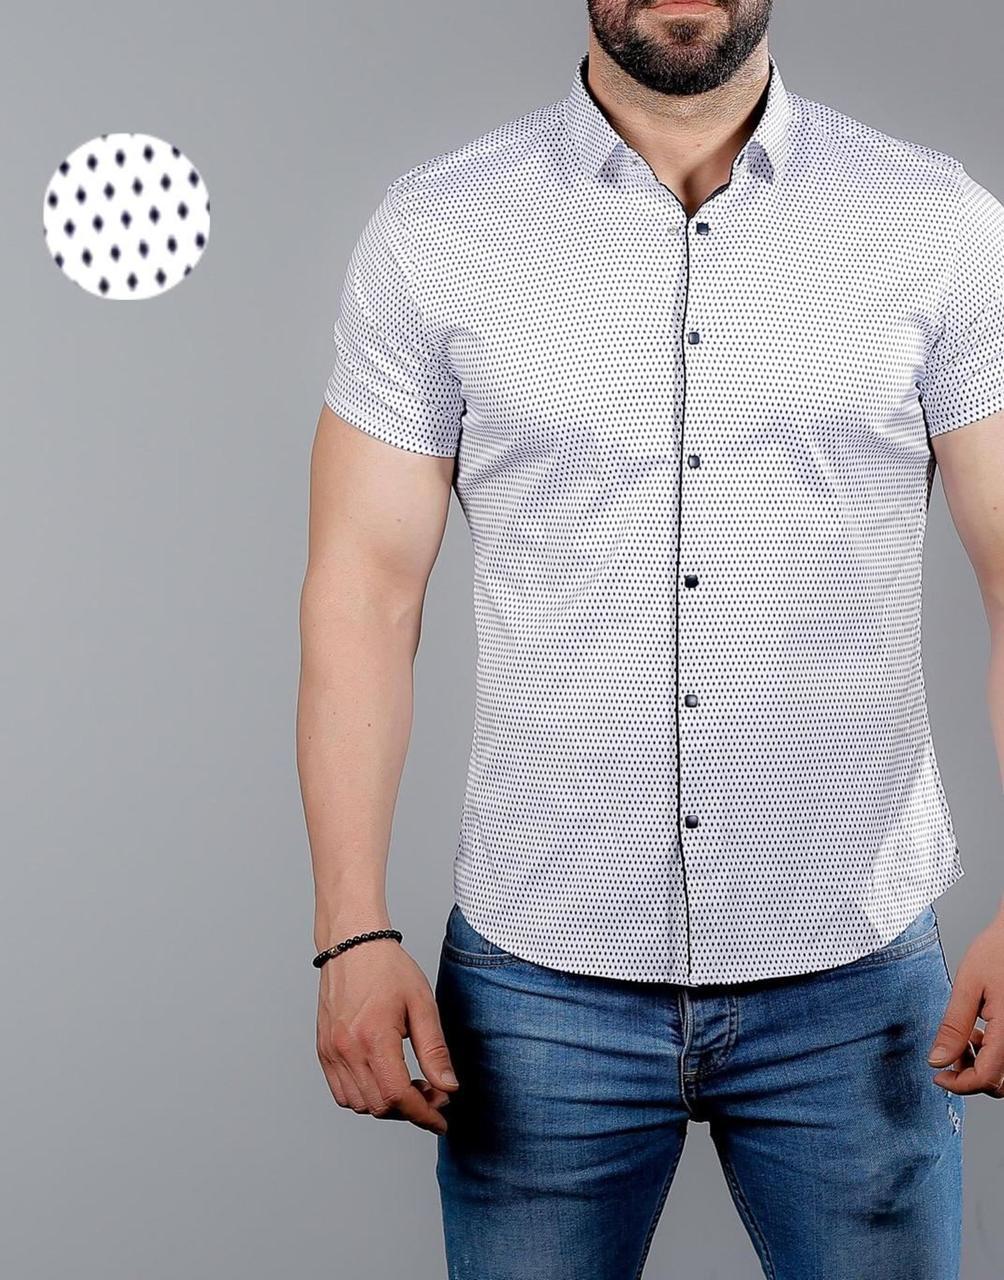 ec4e004026d8efe Стильная летняя мужская рубашка с коротким рукавом, коллекция 2019 года -